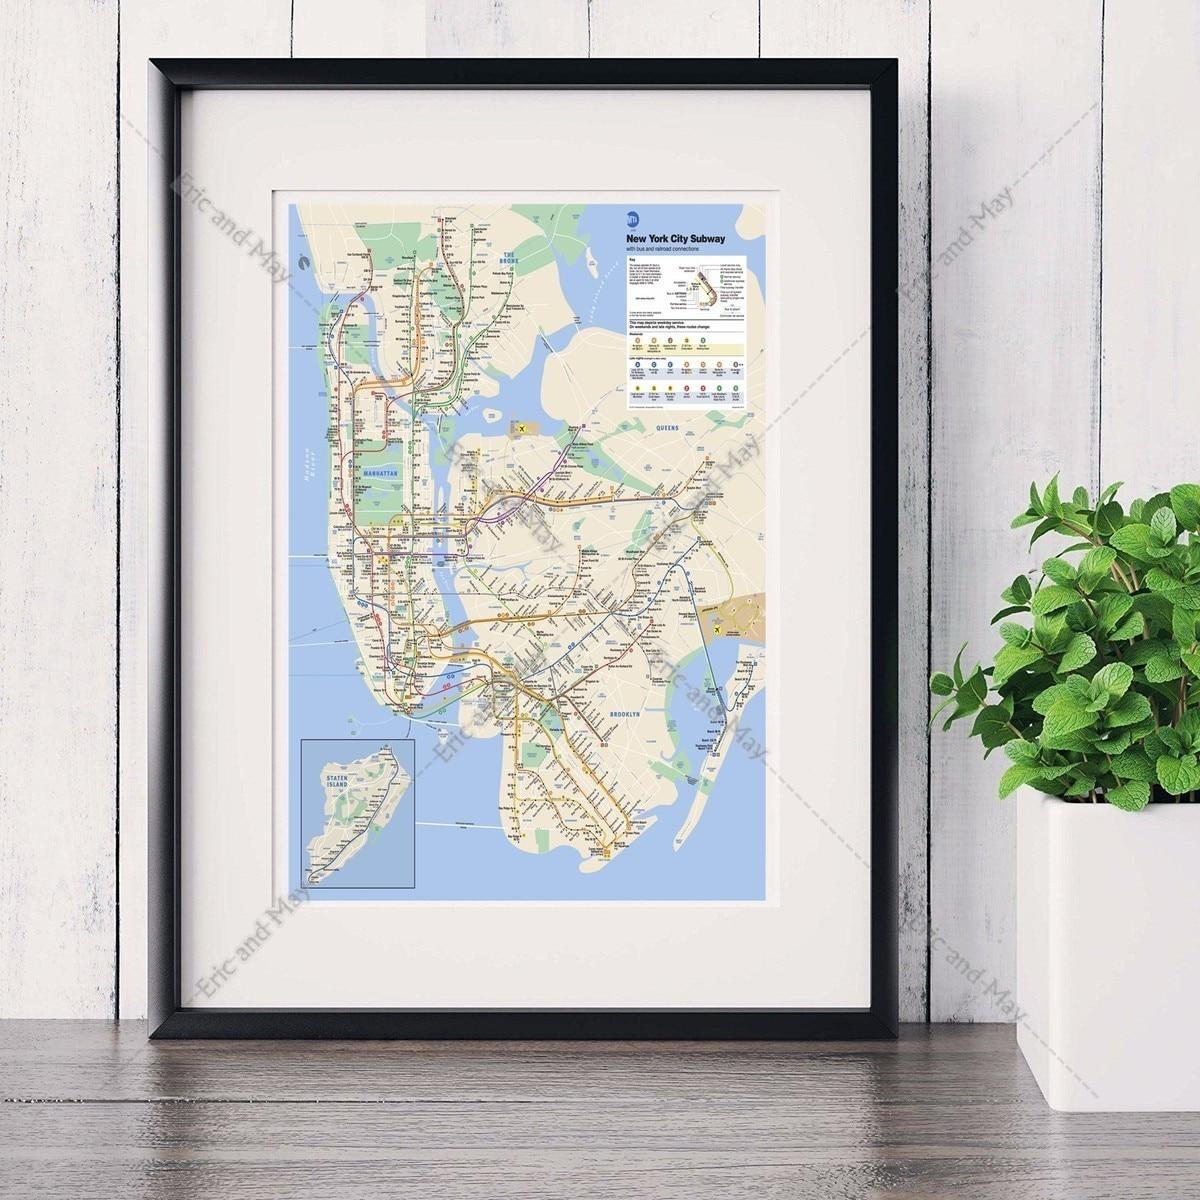 metro de nueva york mapa pintura canvas art print poster cuadro de la pared para la